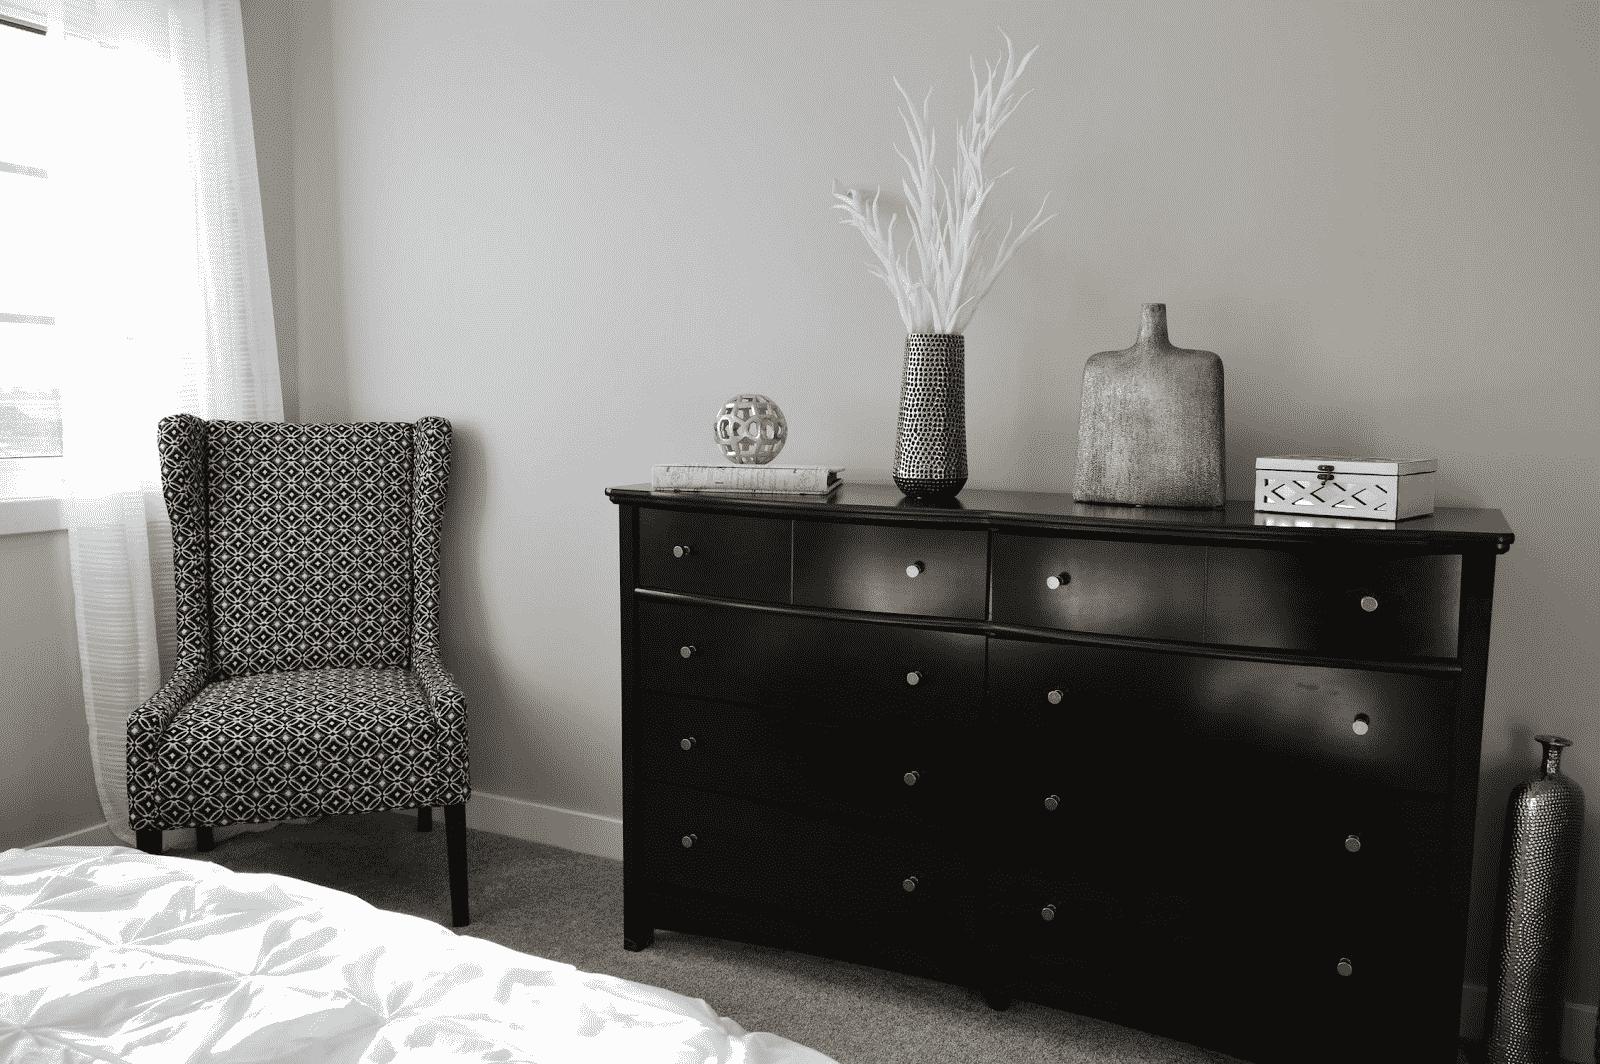 Los sillones son elementos decorativos y funcionales para un dormitorio ideas-para-decorar, decoracion-dormitorios Blog Decoracion